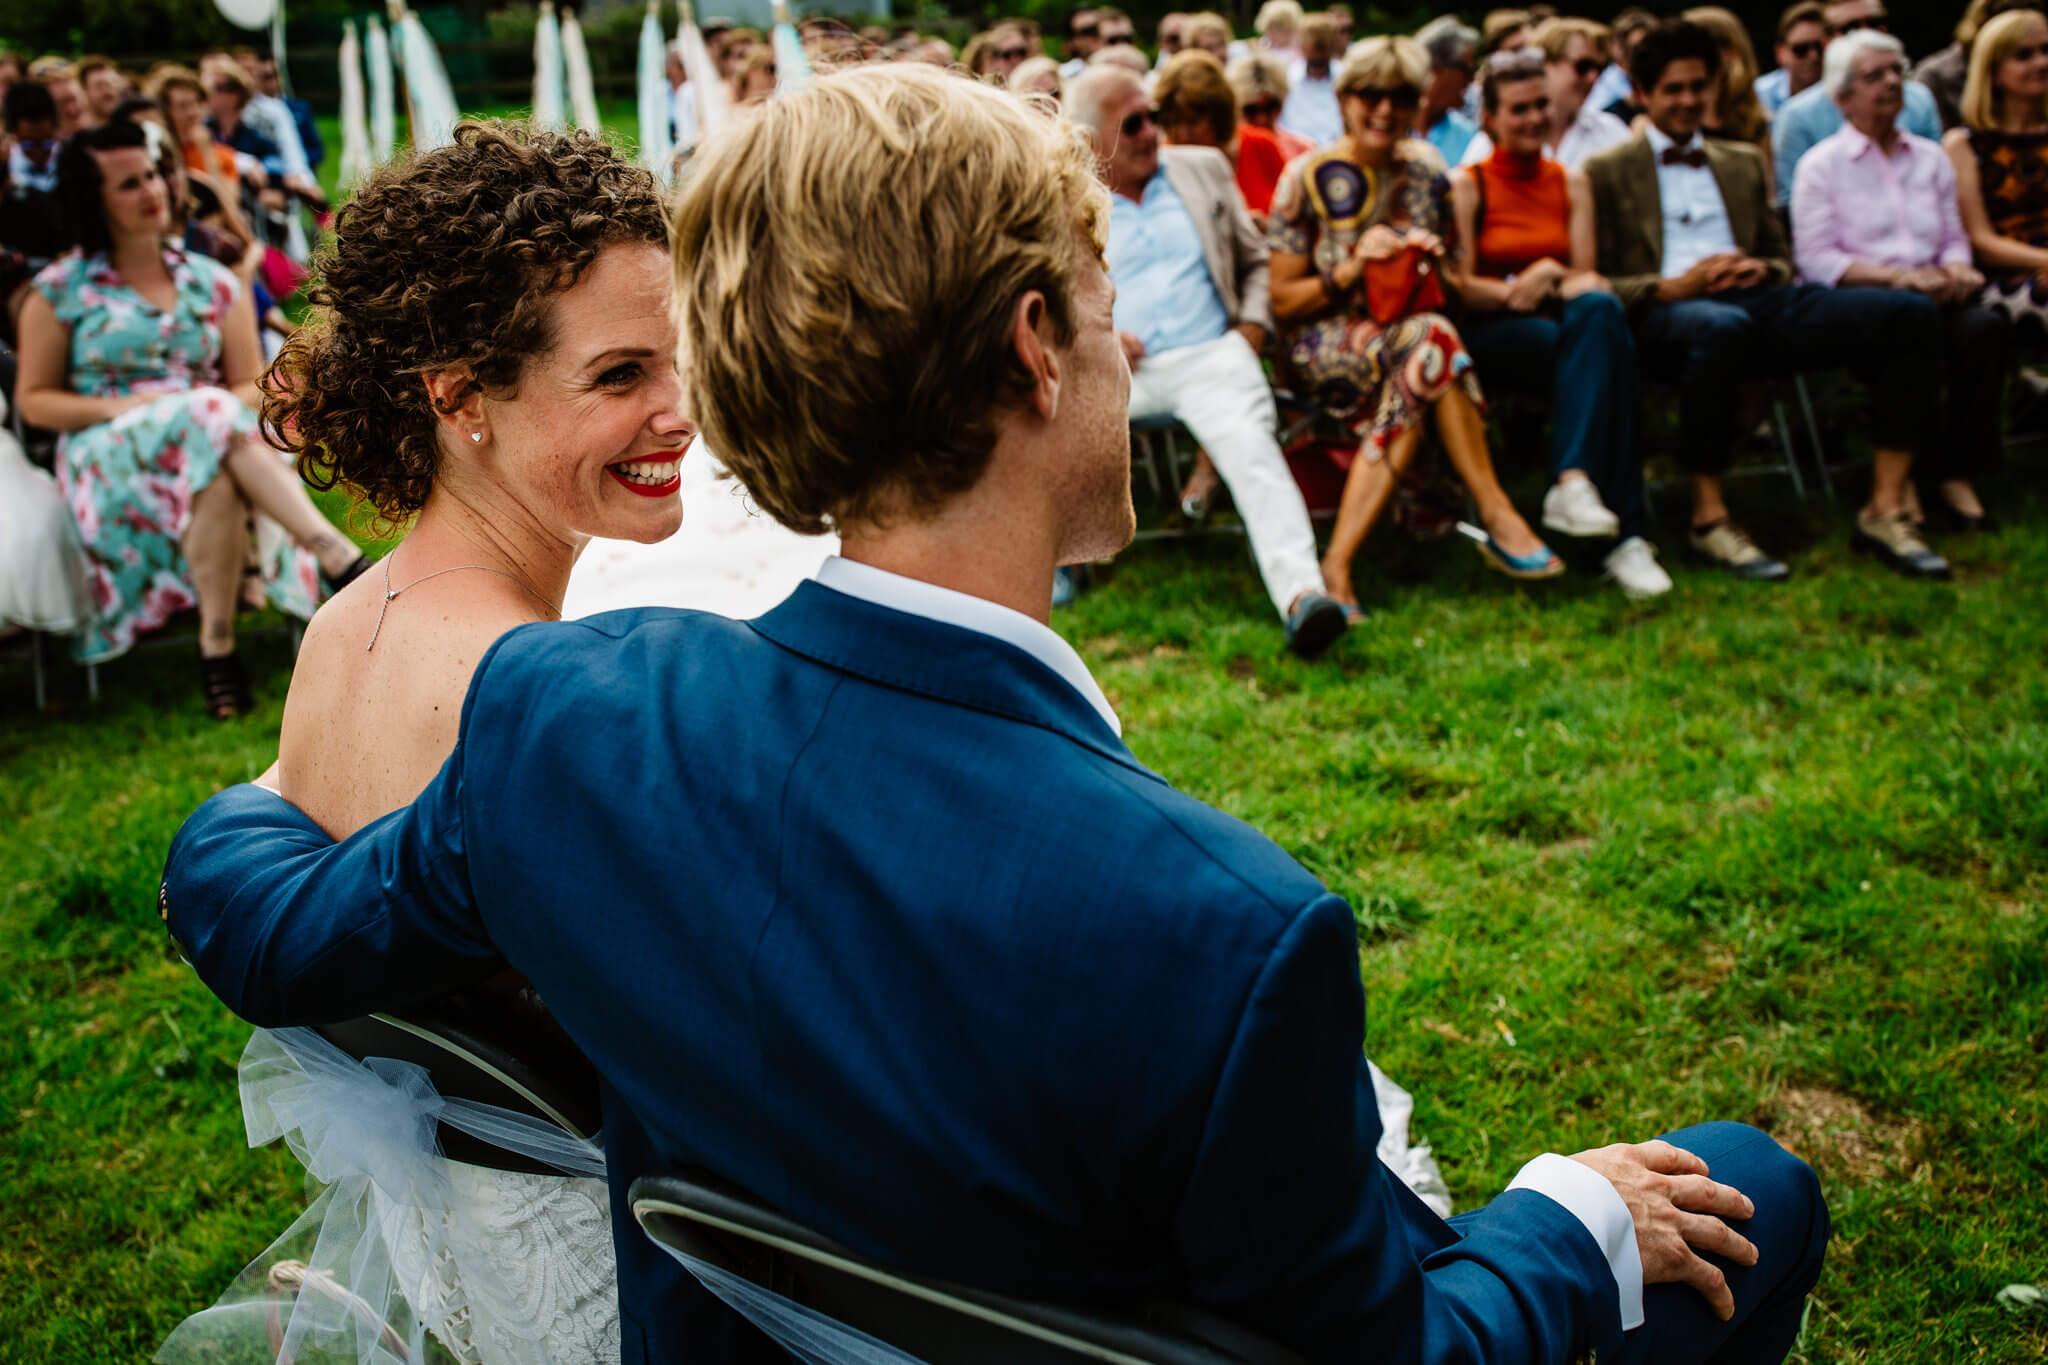 festivalbruiloft-bruidsfotograaf-utrecht-11.jpg